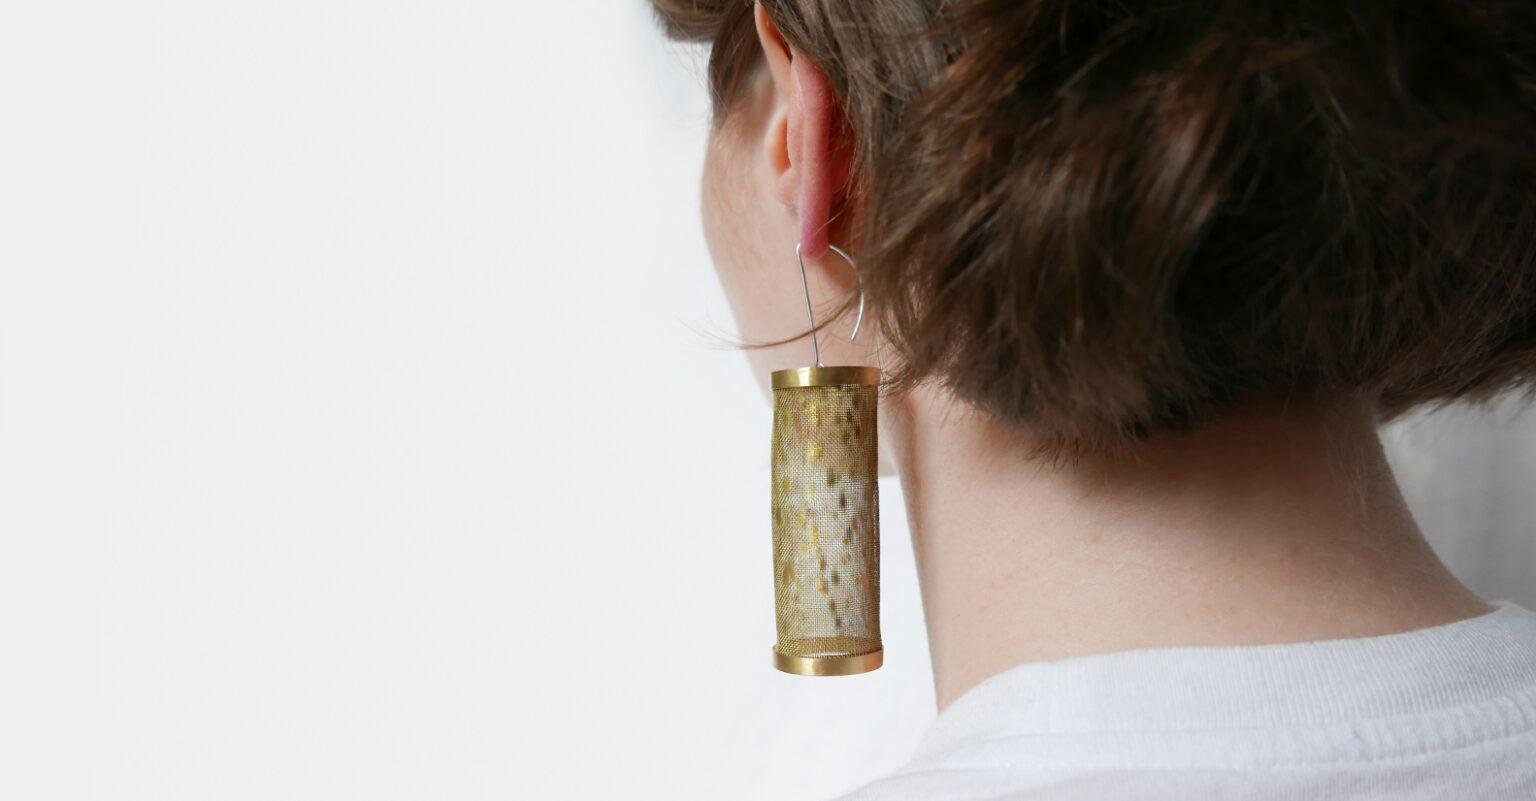 person wearing brass earrings